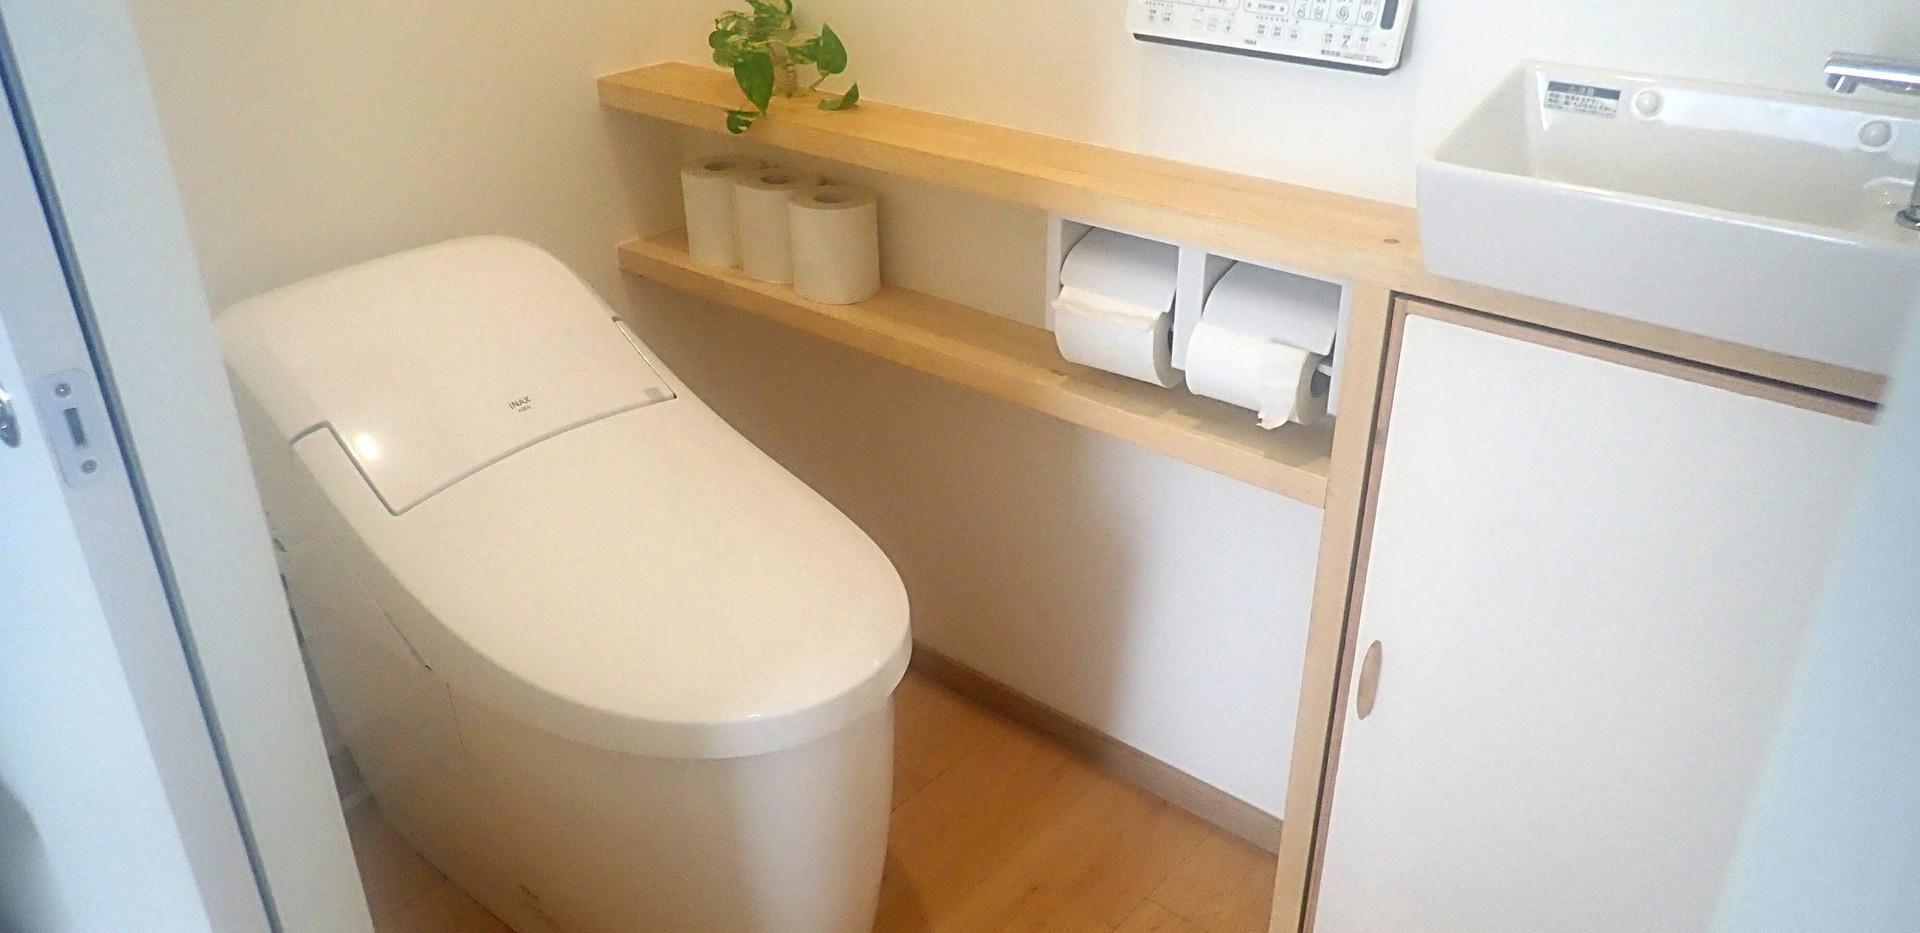 ウォシュレット付きのフルオートトイレ。1階と2階にそれぞれ1つずつあります。 Automatic toilet.